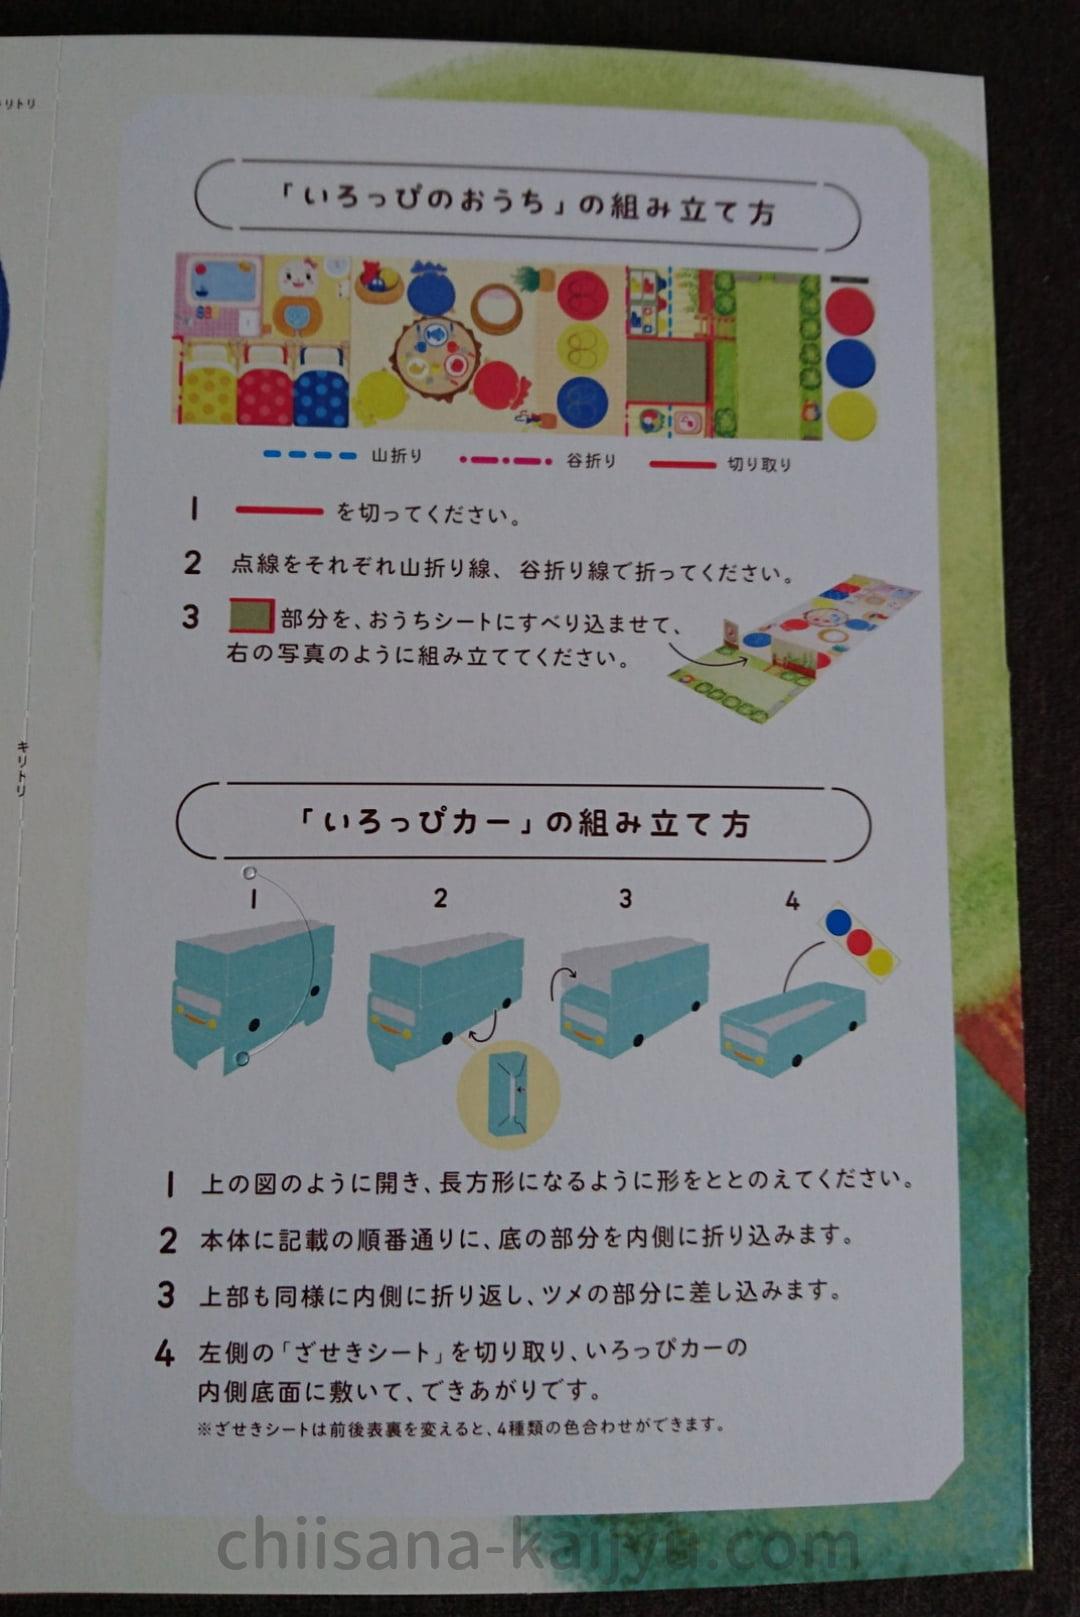 「こどもちゃれんじ ぷち」9月号のおもちゃ(エデュトイ) いろっぴのおうち 組み立て方